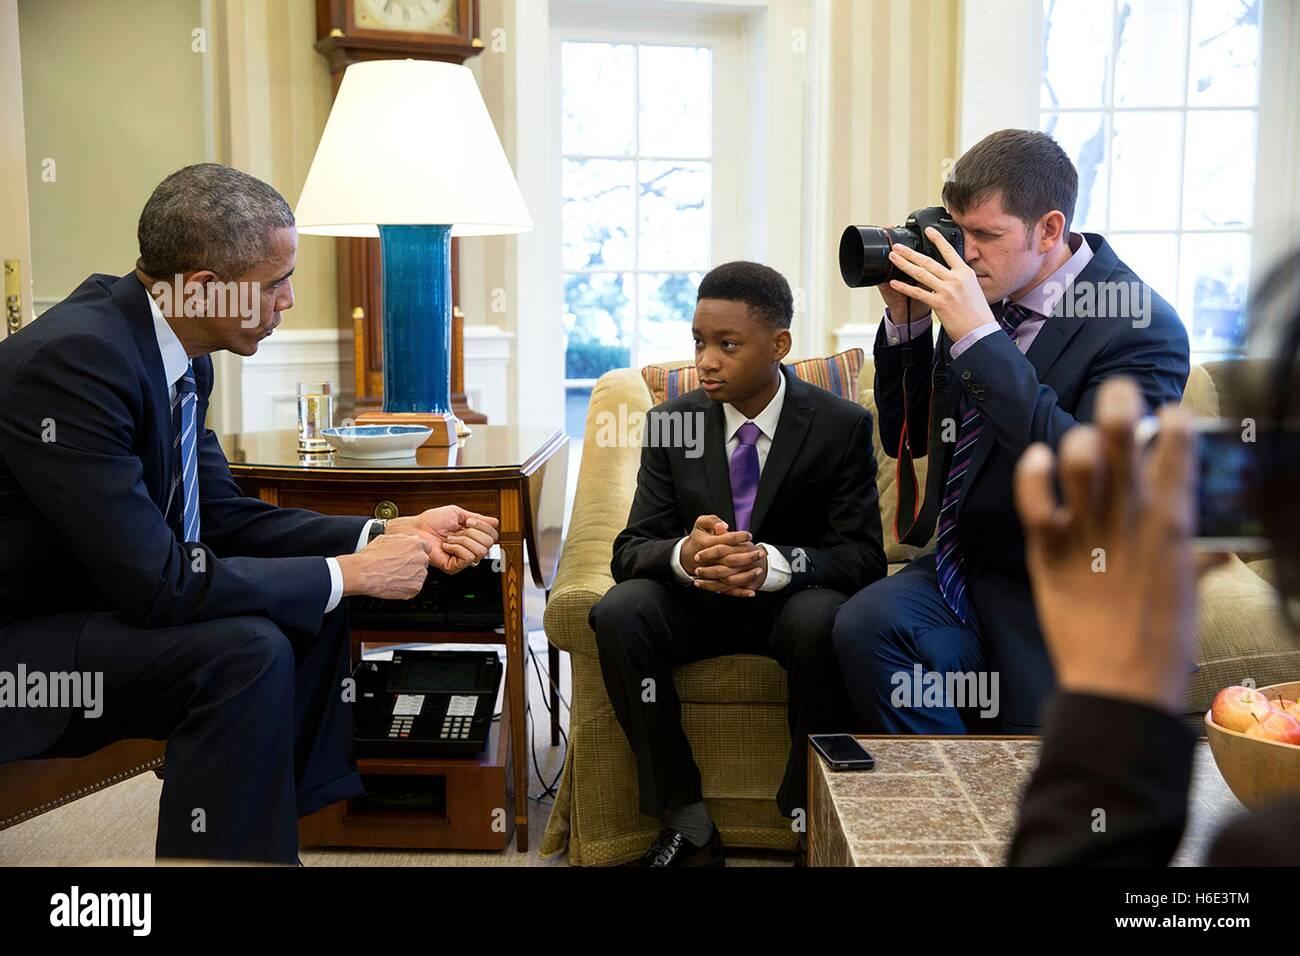 L'homme de New York fondateur Brandon Stanton photographies Le président des États-Unis, Barack Obama, Photo Stock